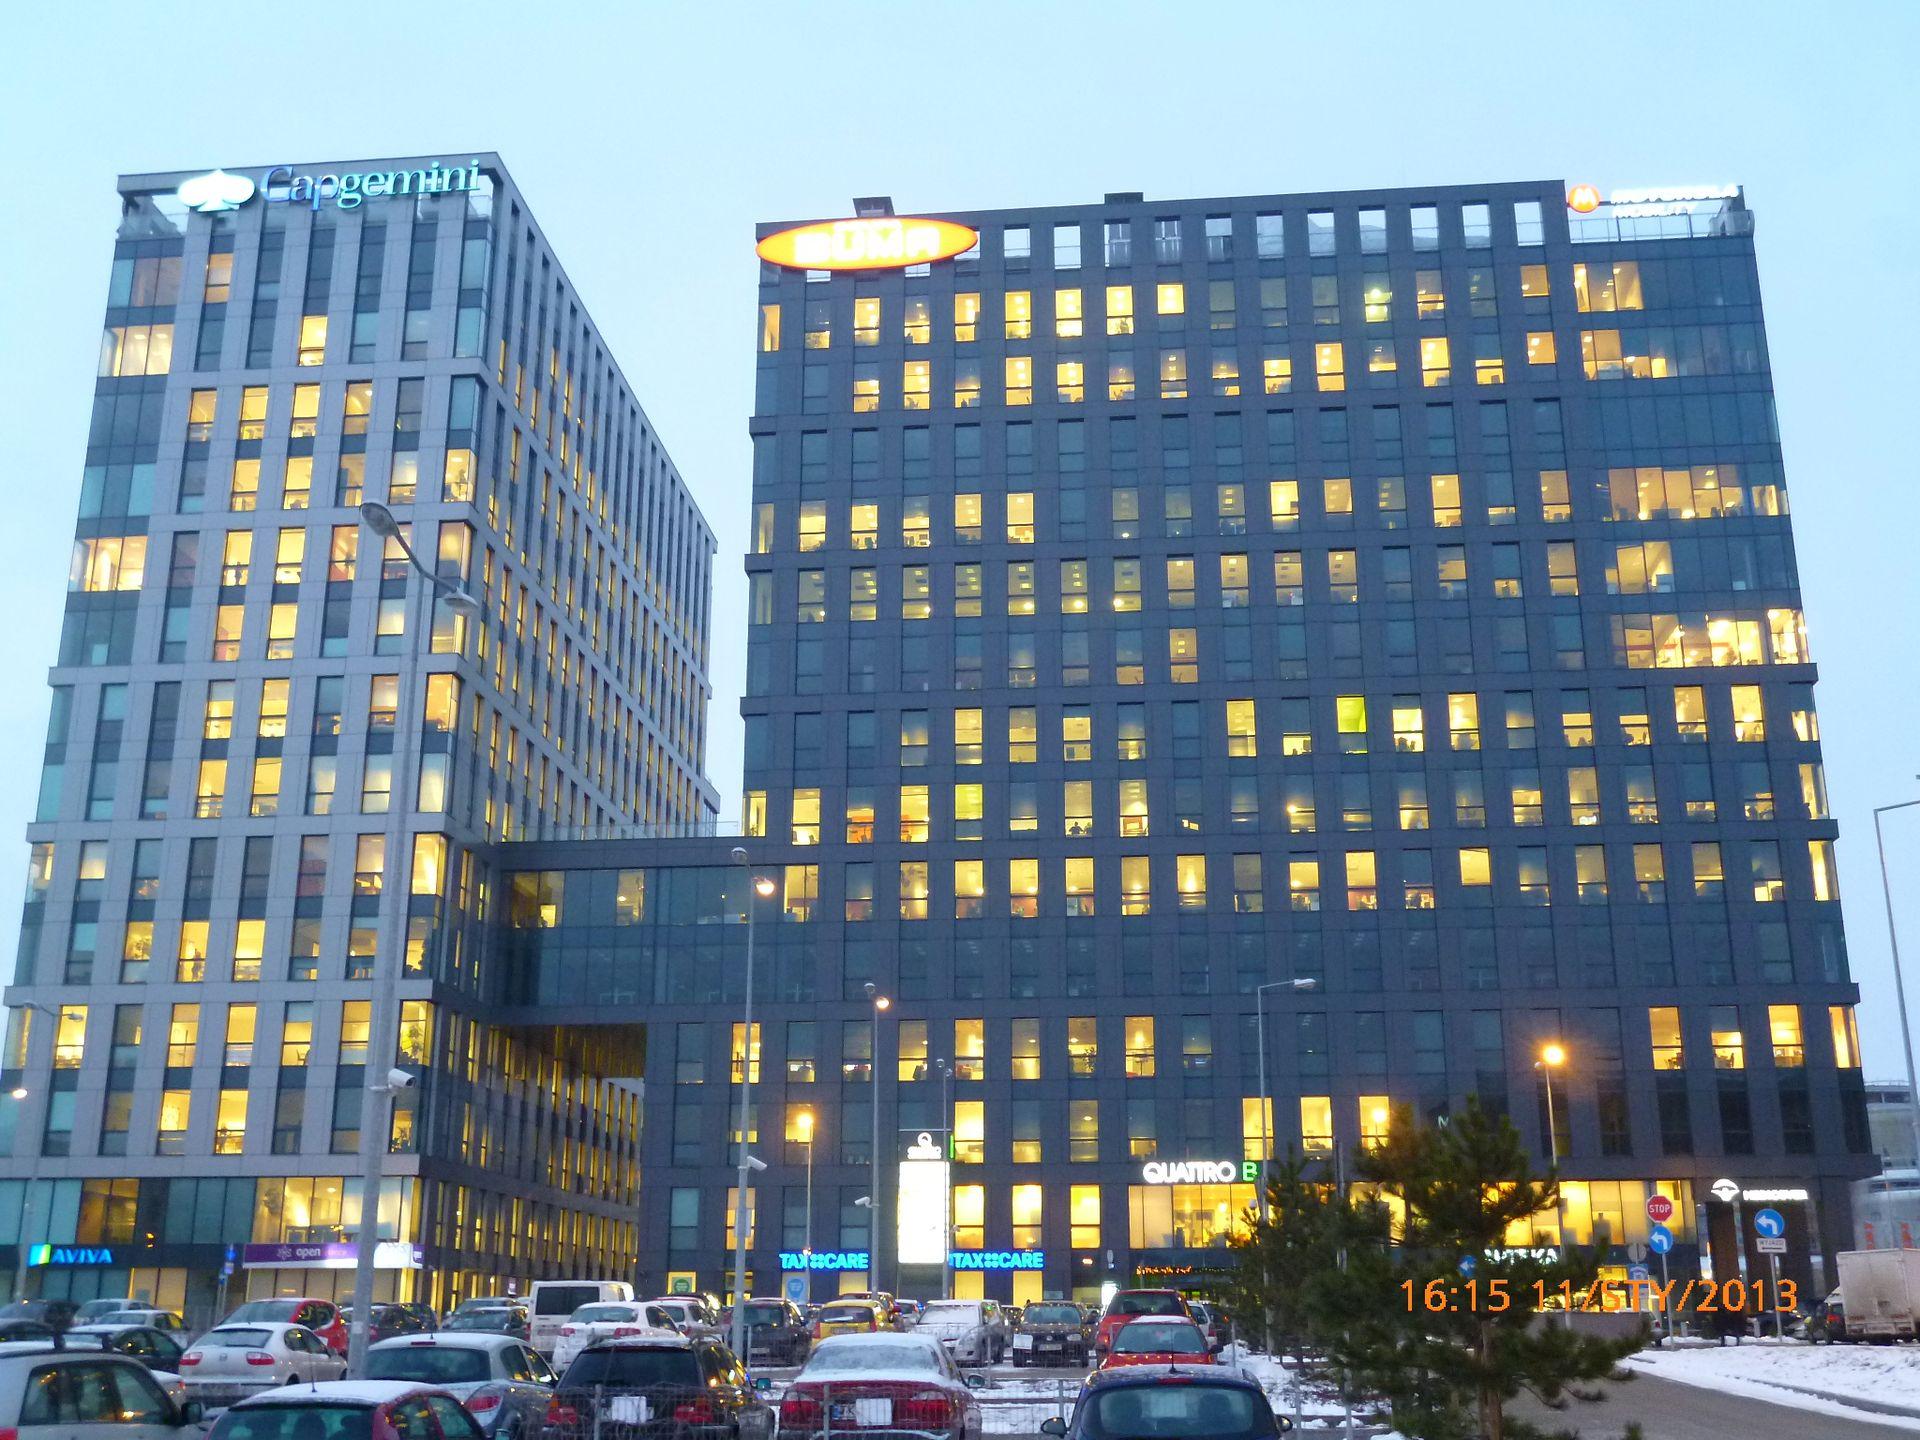 [Polska] RICS: Niepokoje na rynkach finansowych bez wpływu na nastroje na rynkach nieruchomości